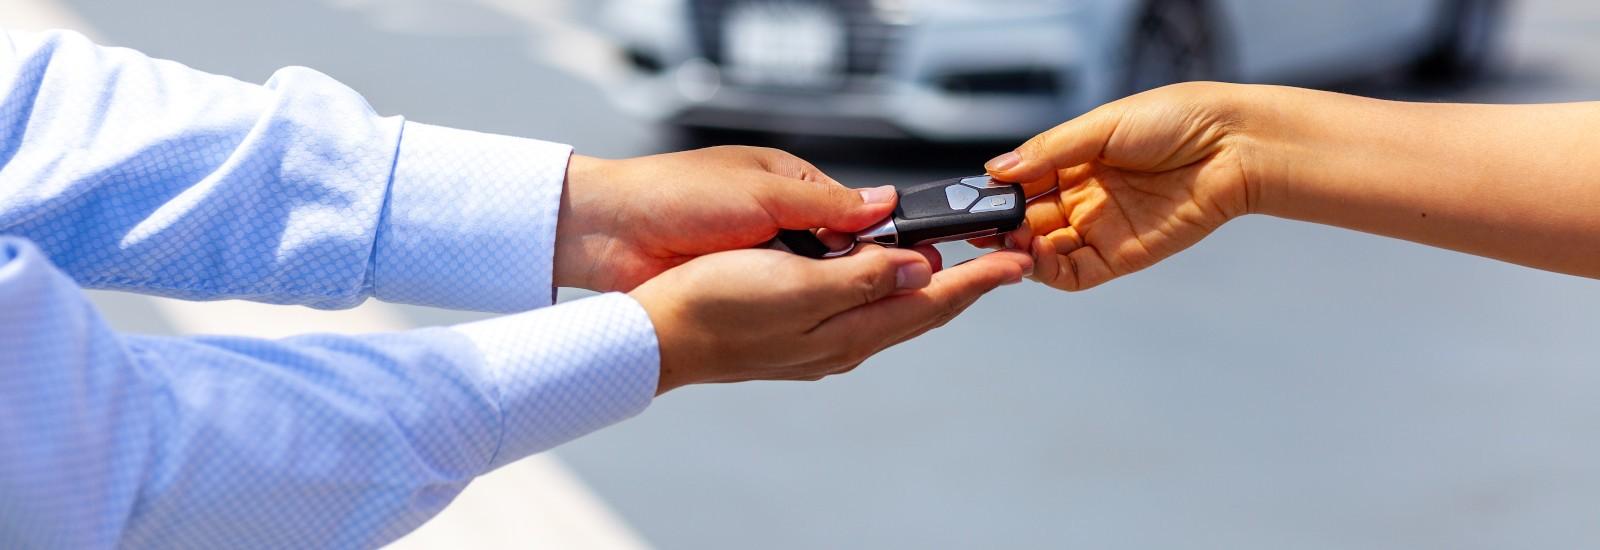 Übergabe eines Schlüssels für ein Carsharing-Fahrzeug in Landshut